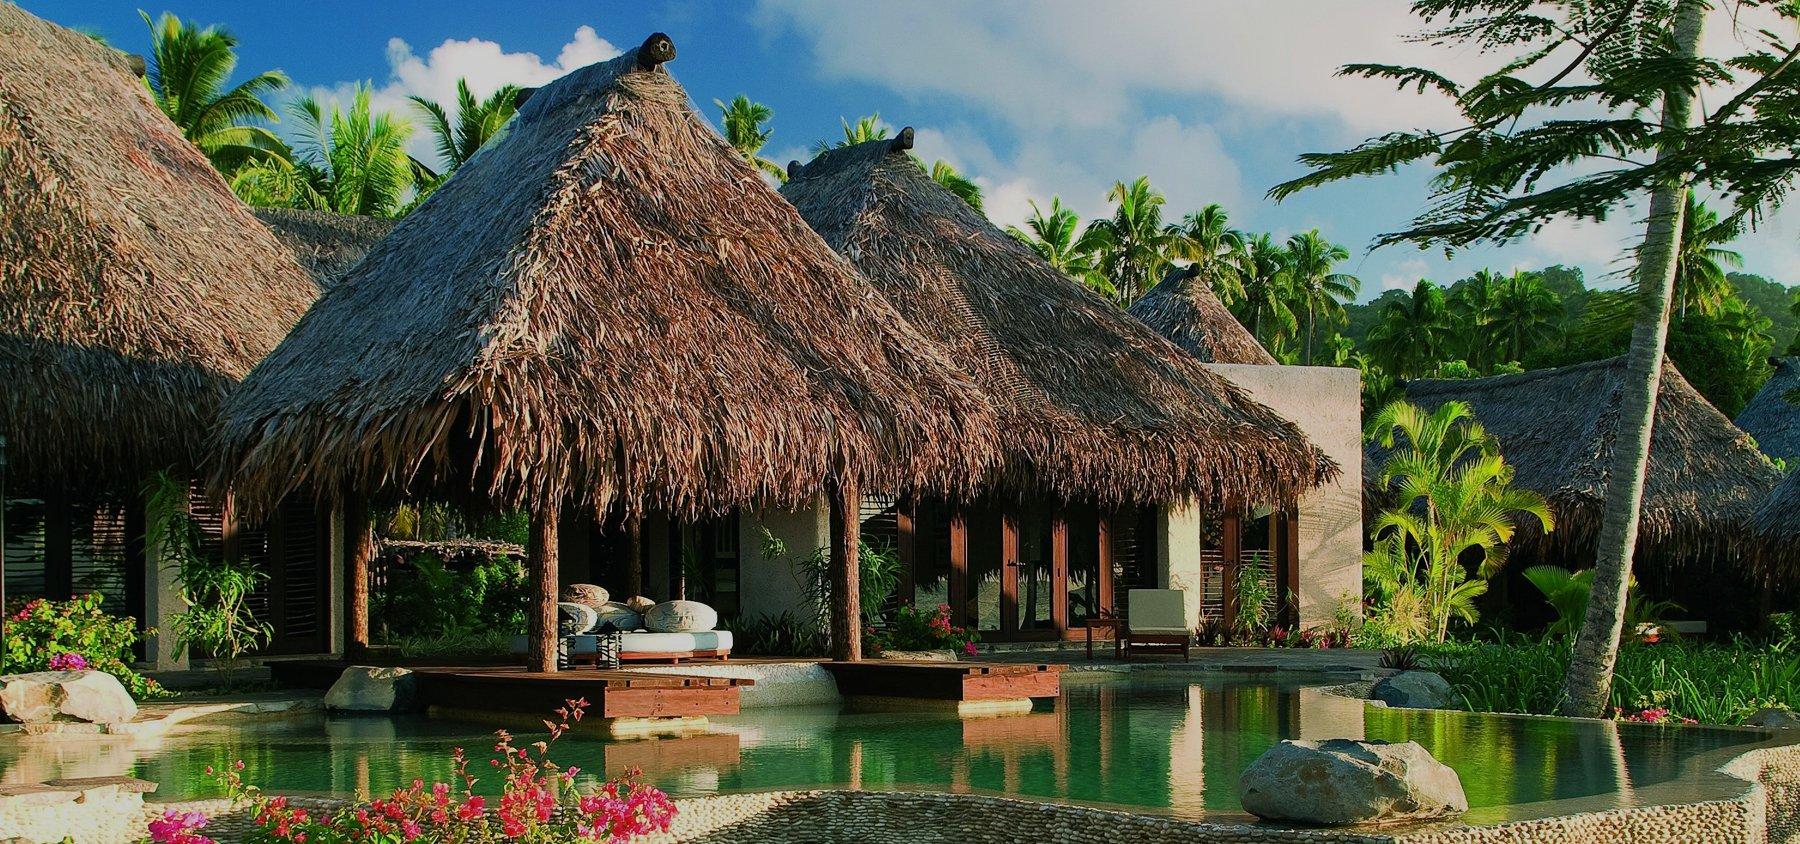 fiji-island